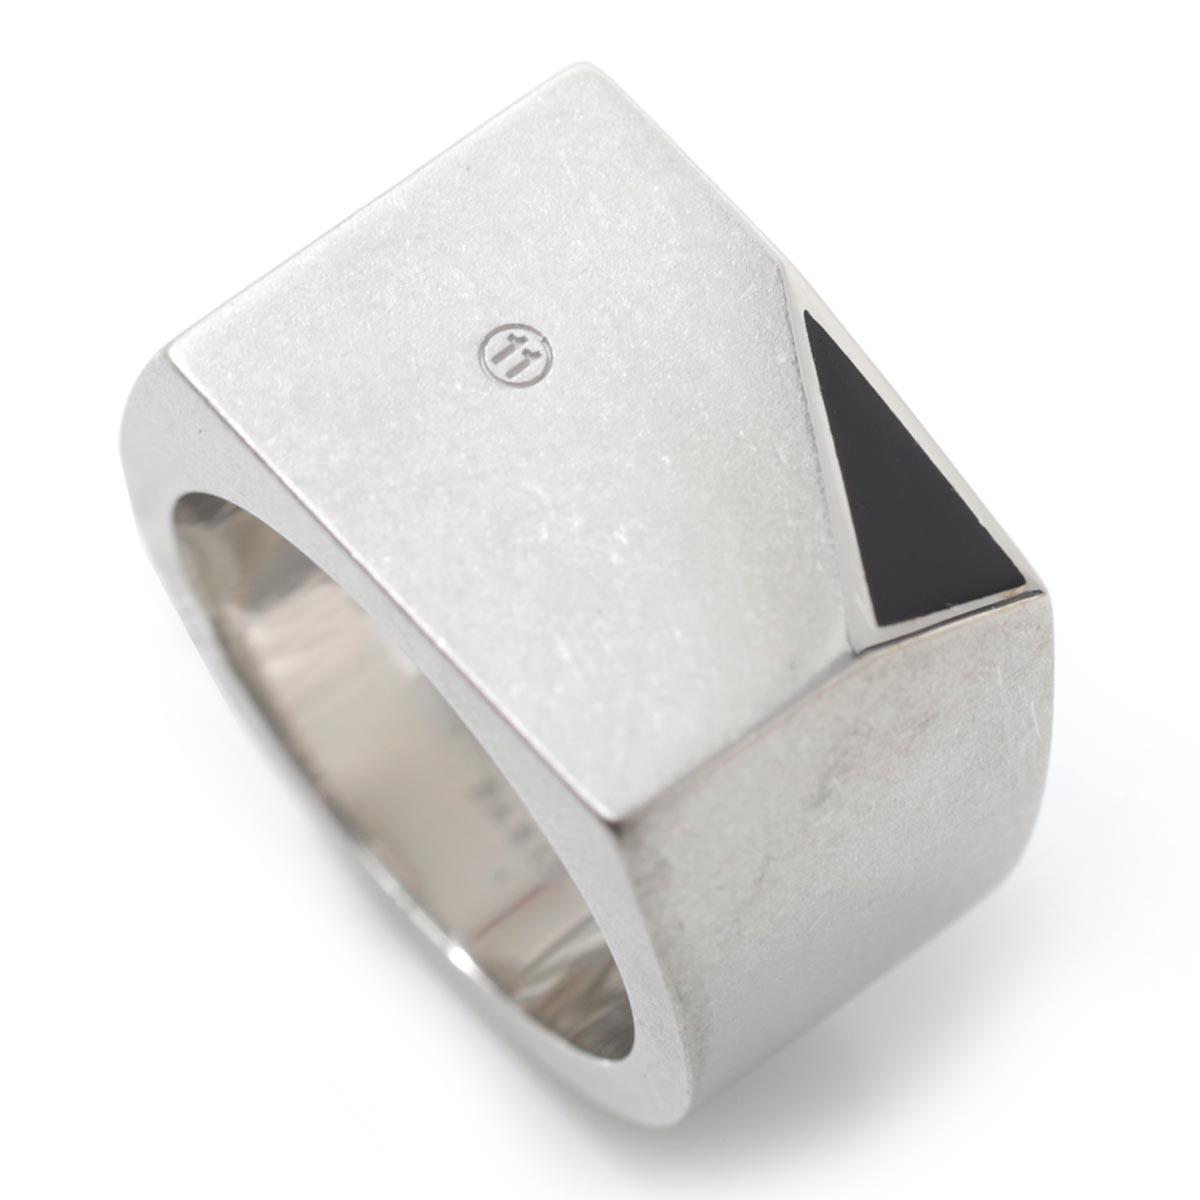 メゾンマルジェラ Maison Margiela リング シルバー メンズ 指輪 s30uq0046 s12645 962 11 女性と男性のためのアクセサリーコレクション【あす楽対応_関東】【返品送料無料】【ラッピング無料】